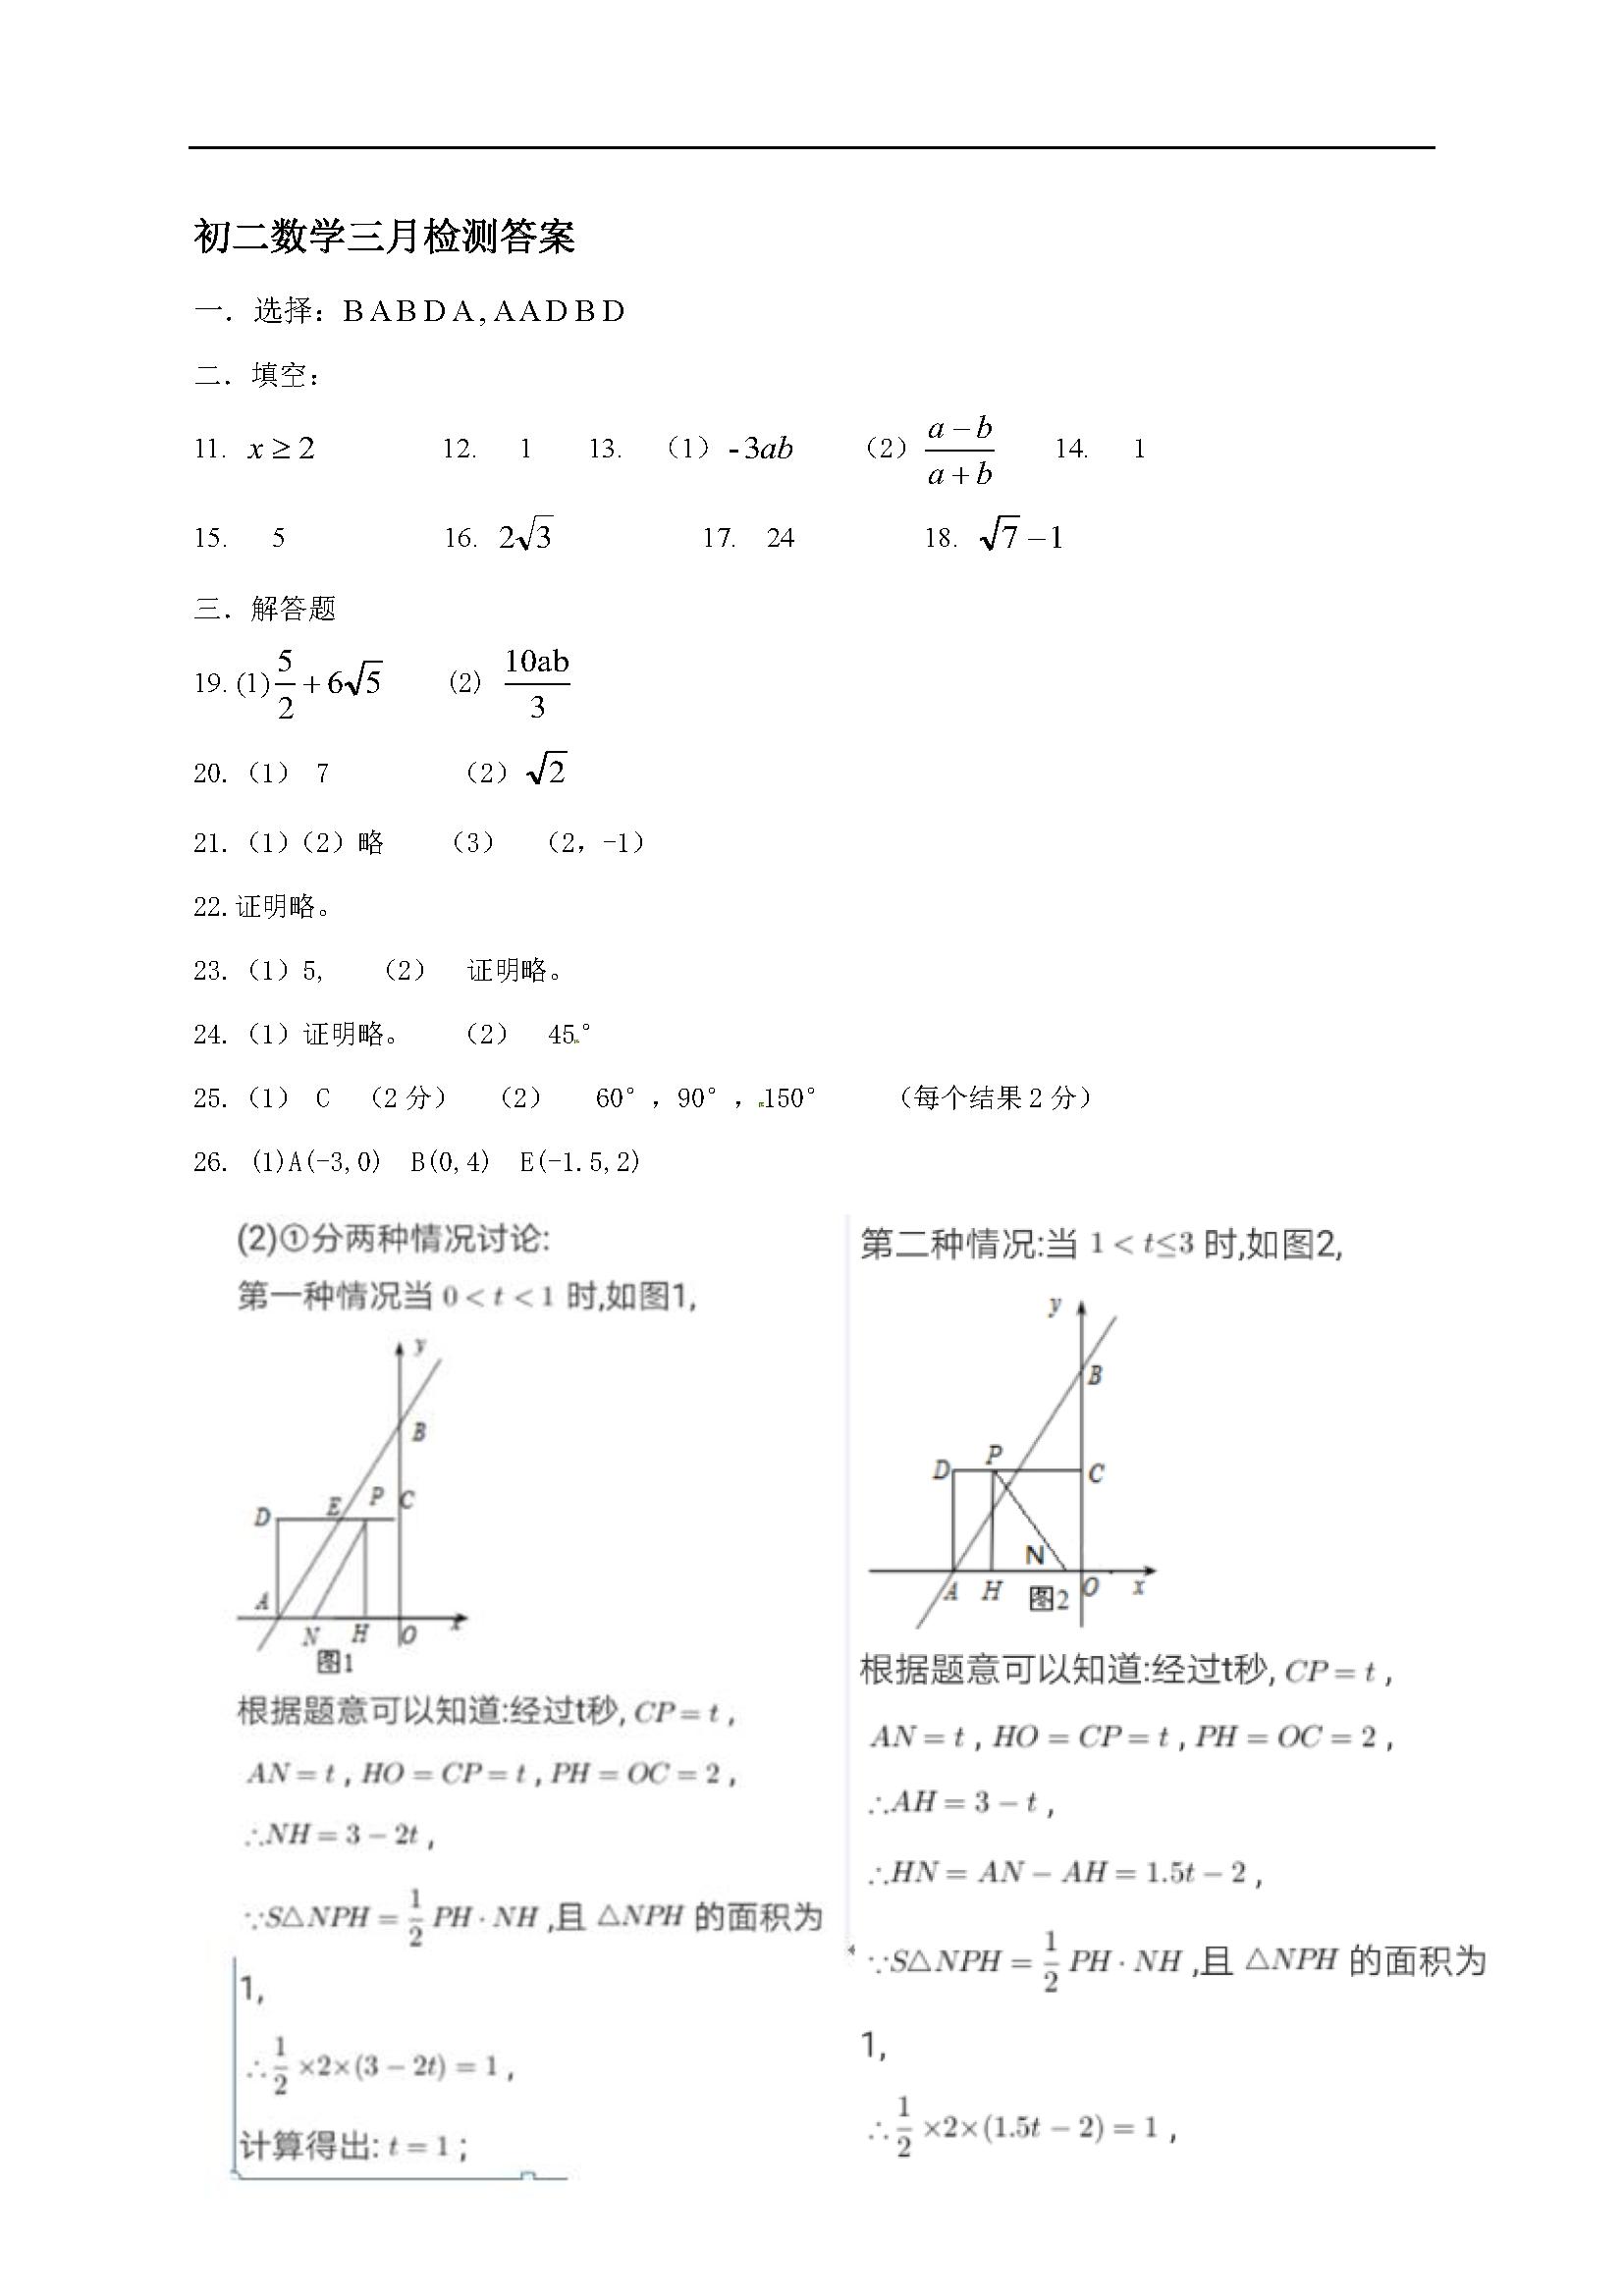 2017江苏江阴暨阳中学八年级3月月考数学试题答案(图片版)